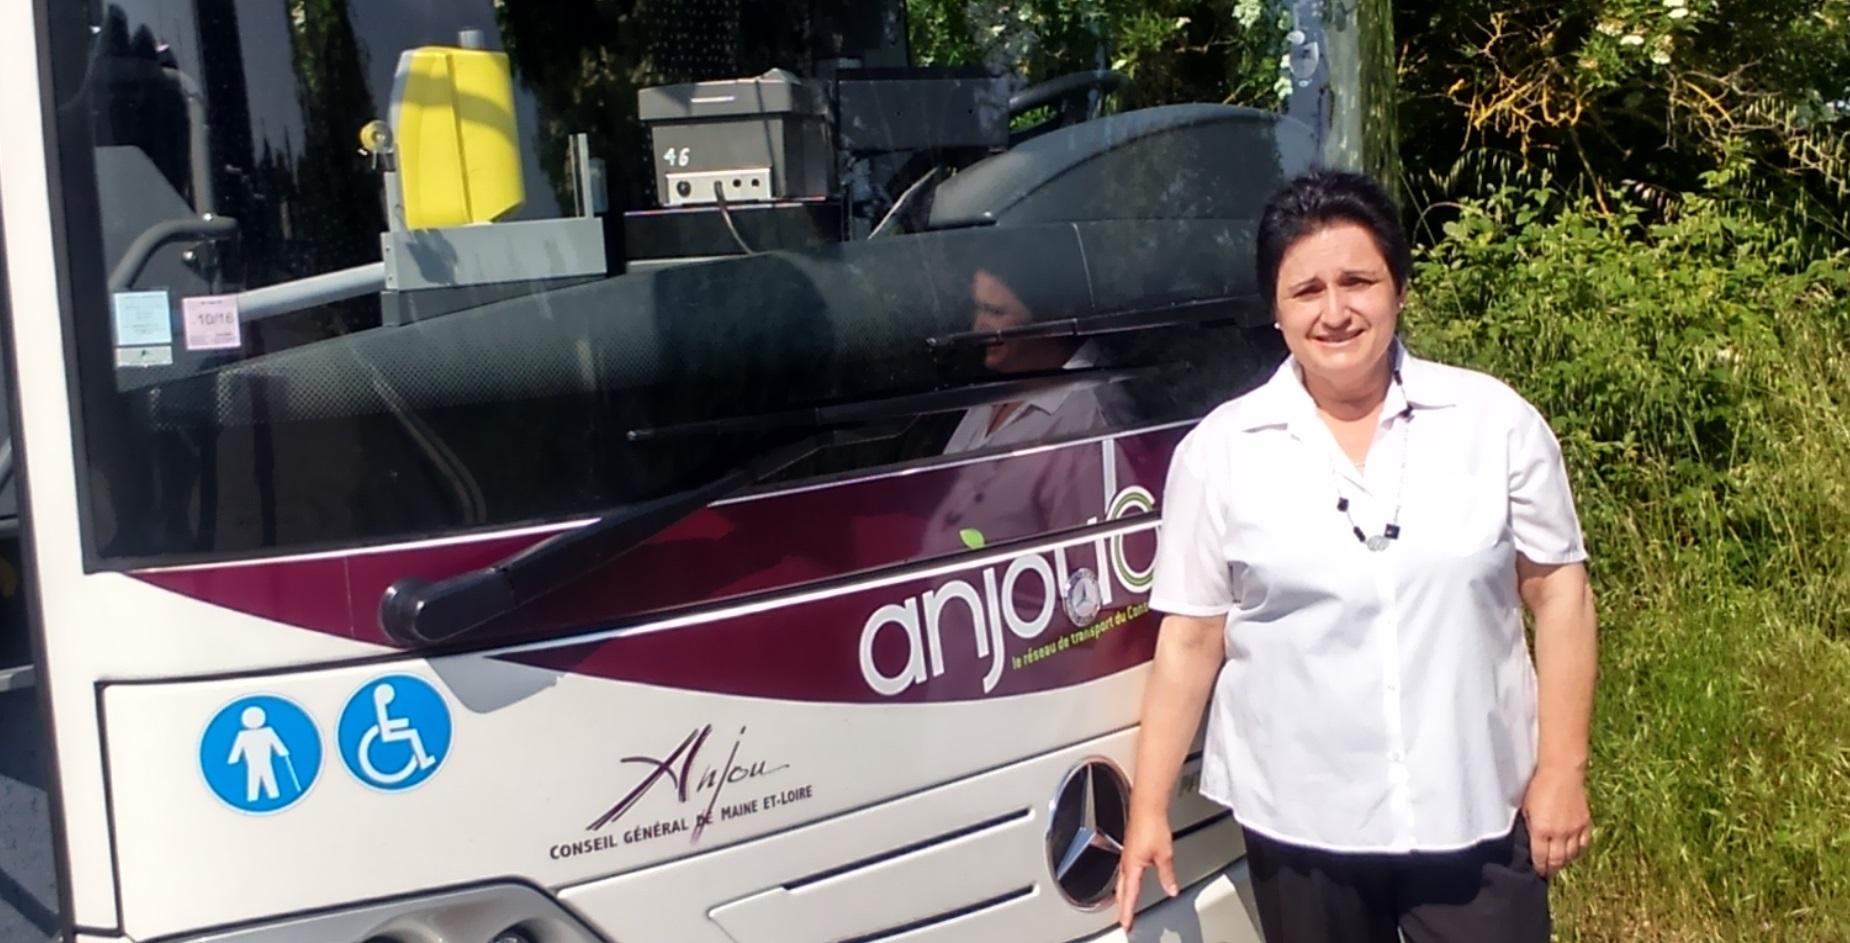 les femmes et l 39 auto anita conductrice du bus depuis 28 ans auto moto magazine. Black Bedroom Furniture Sets. Home Design Ideas